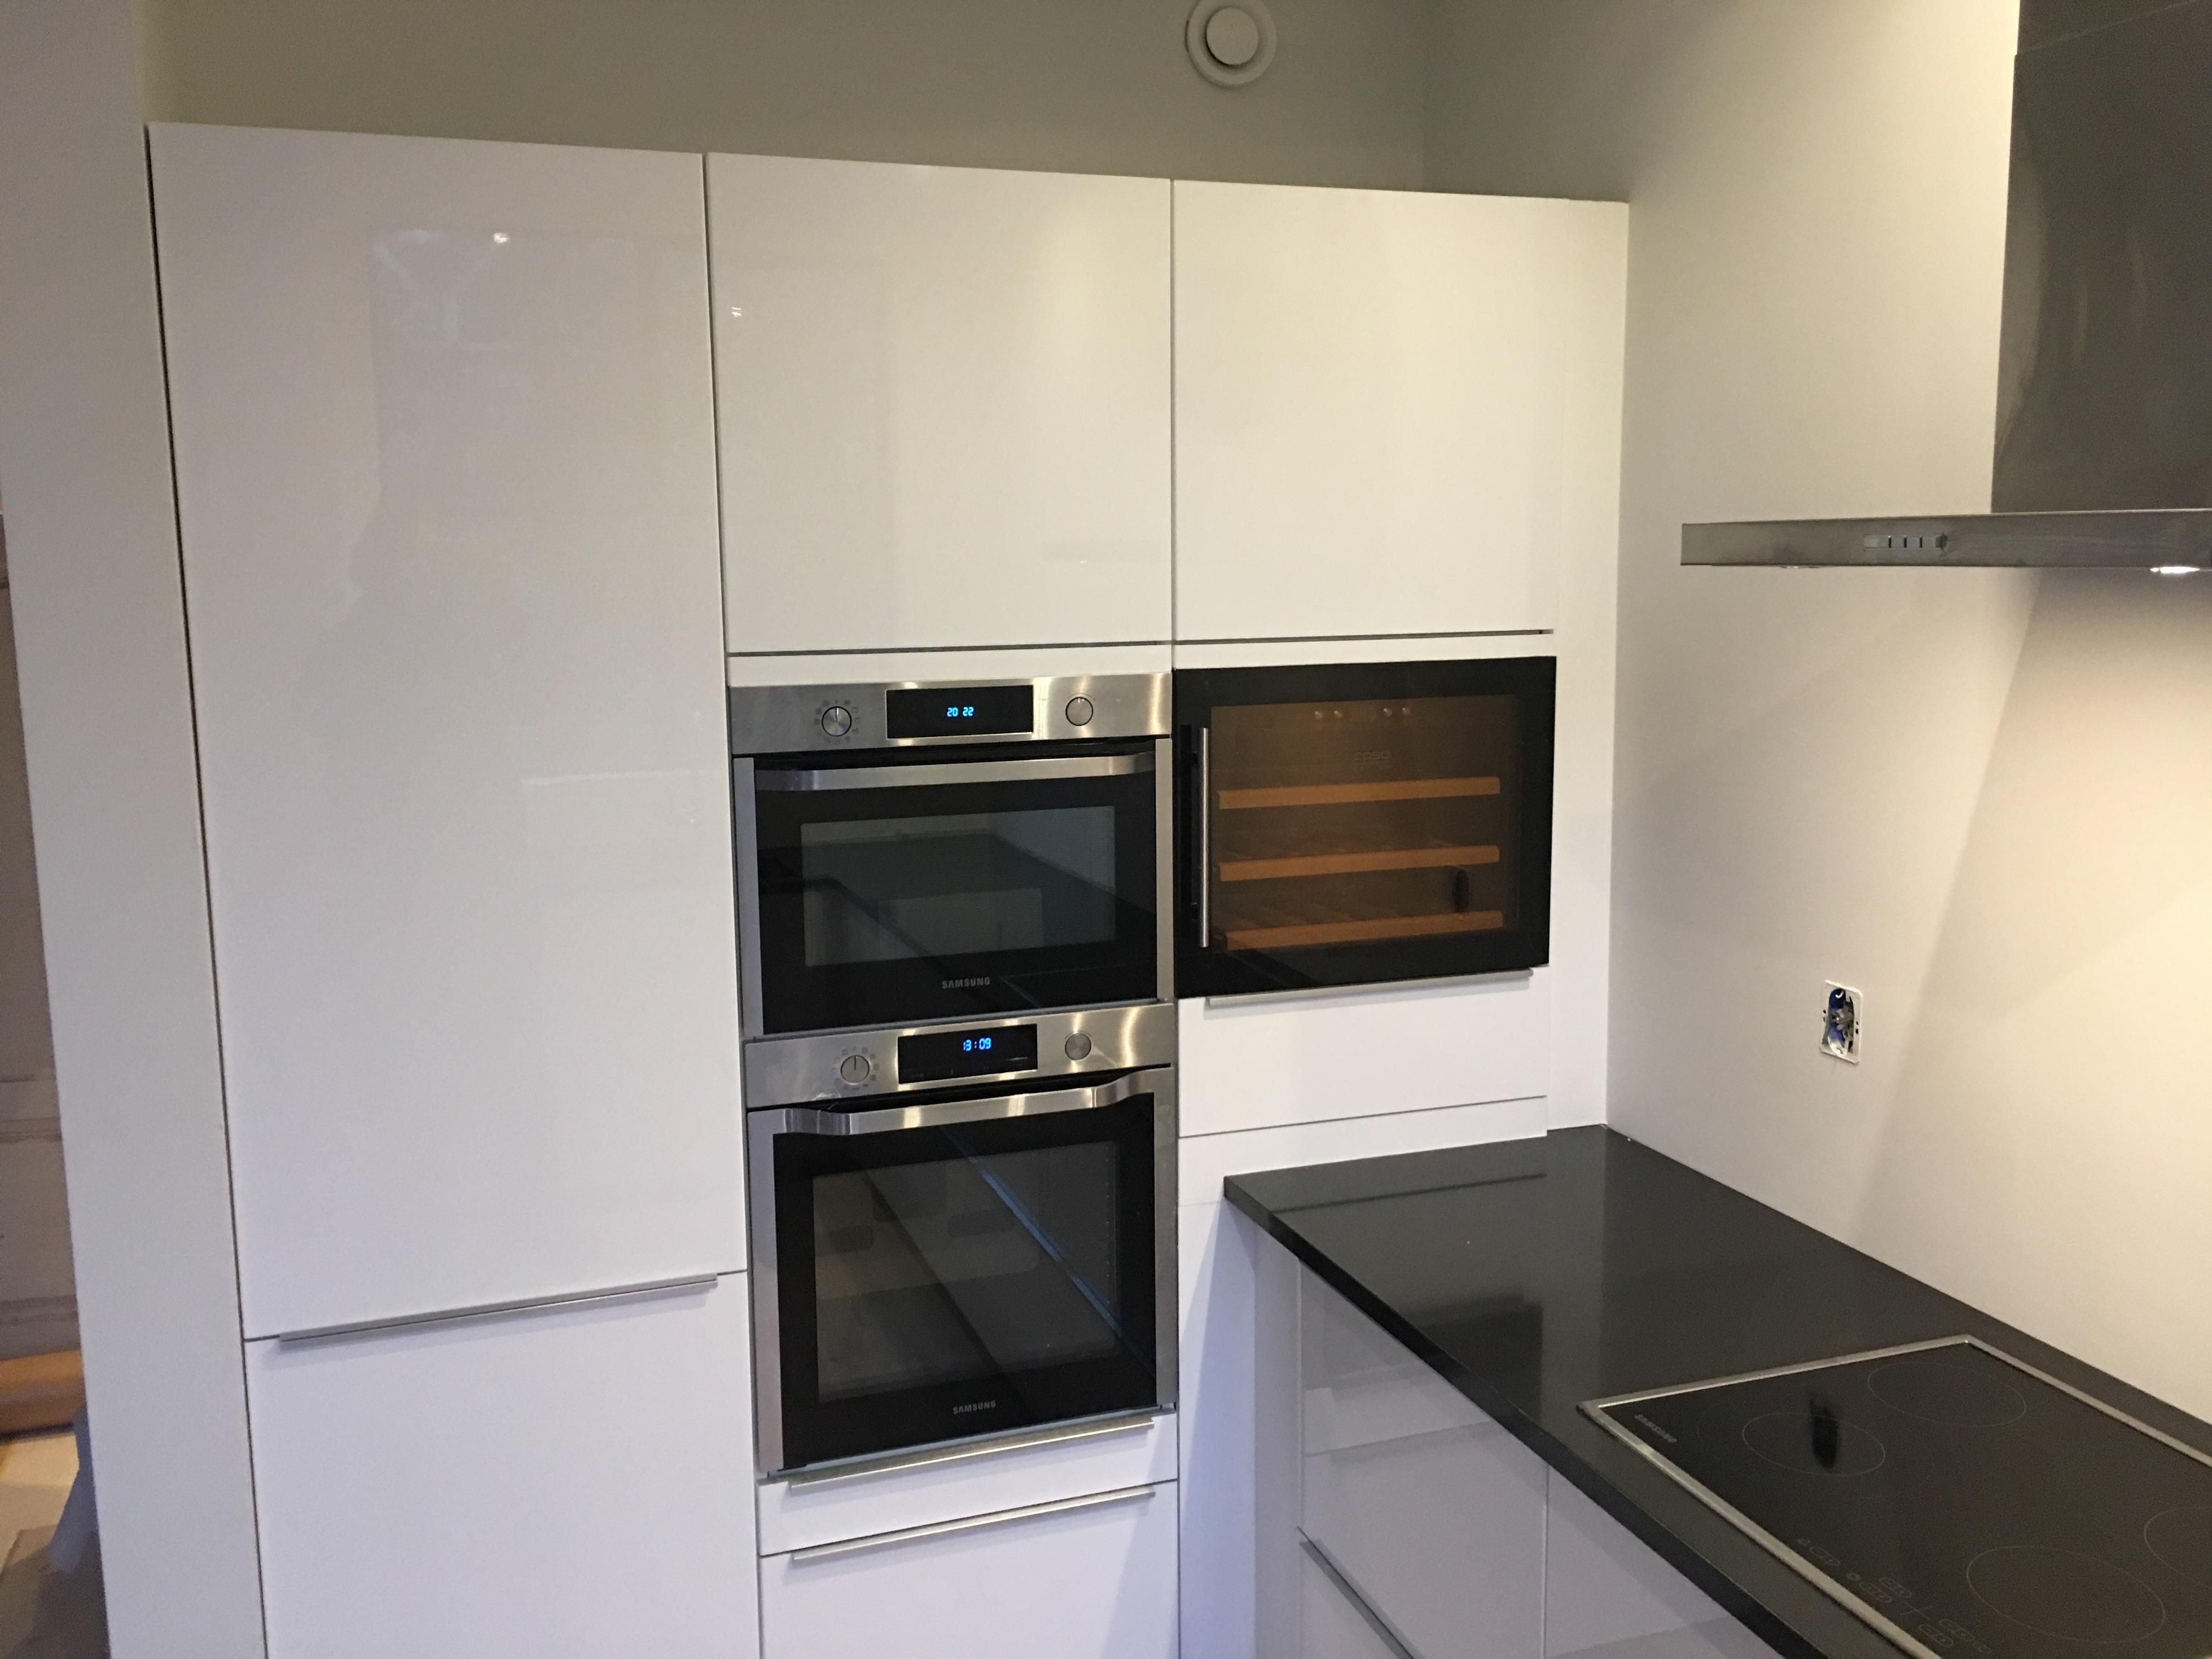 Ikea Keuken Inbouwen Informatie Over De Keuken